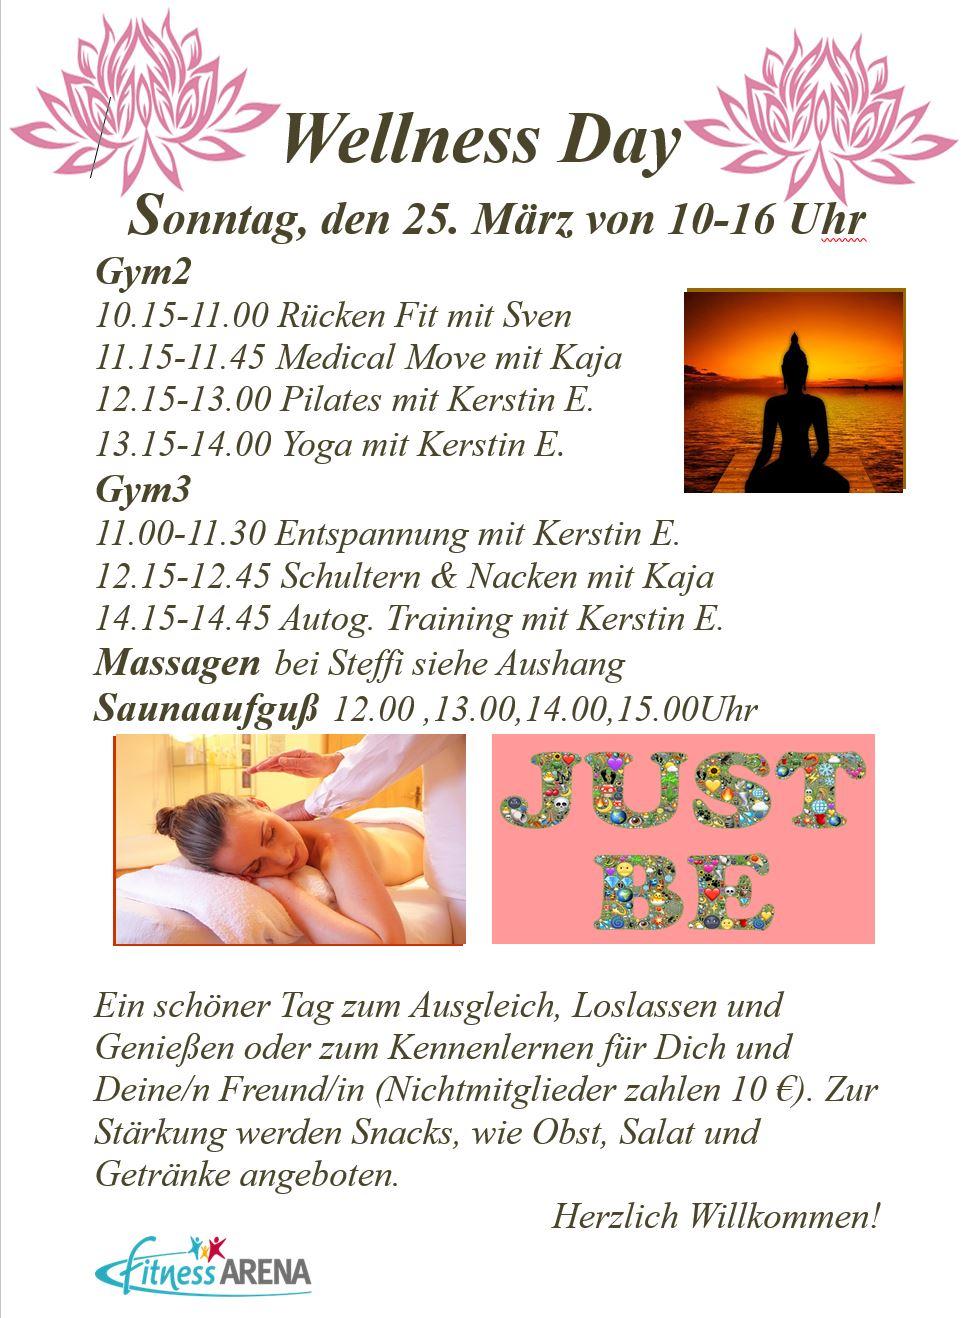 Wellness Day - Sonntag, den 25. März von 10-16 Uhr in der FITNESS ...